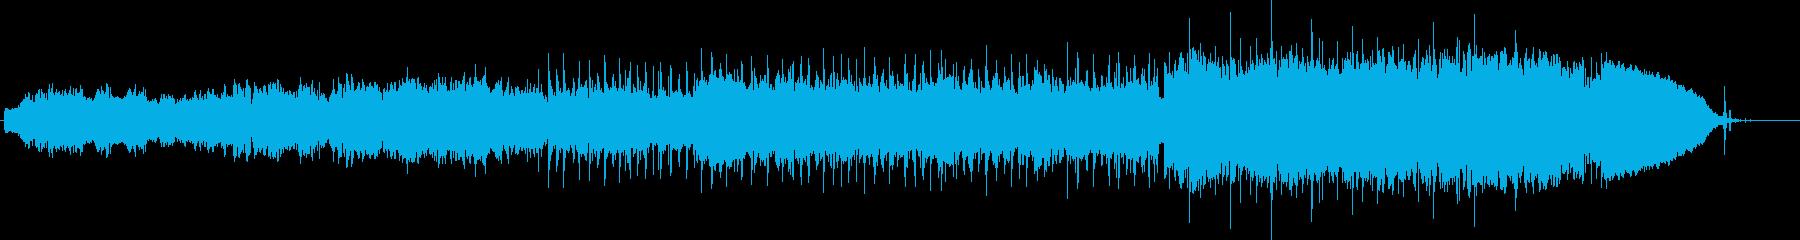 宇宙の始まりをイメージしたインストの再生済みの波形